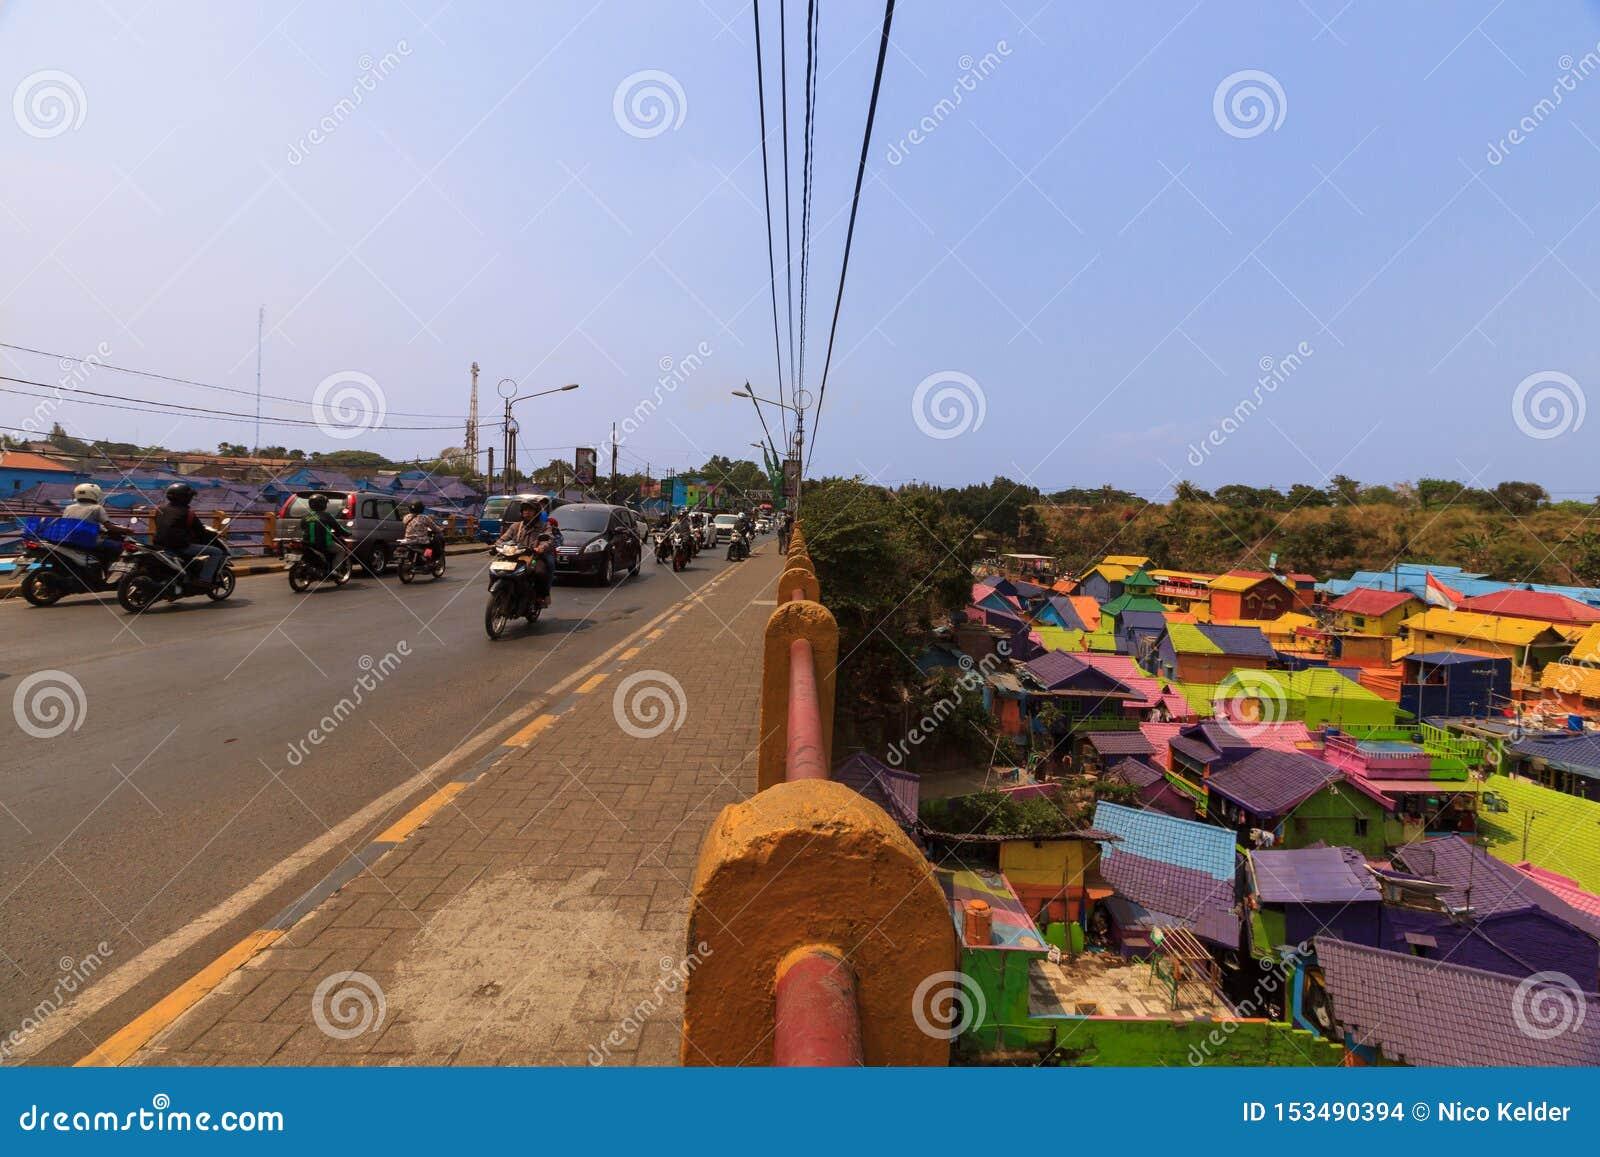 Ζωηρόχρωμο χωριό Μαλάνγκ Warna Warni Jodipan Kampung